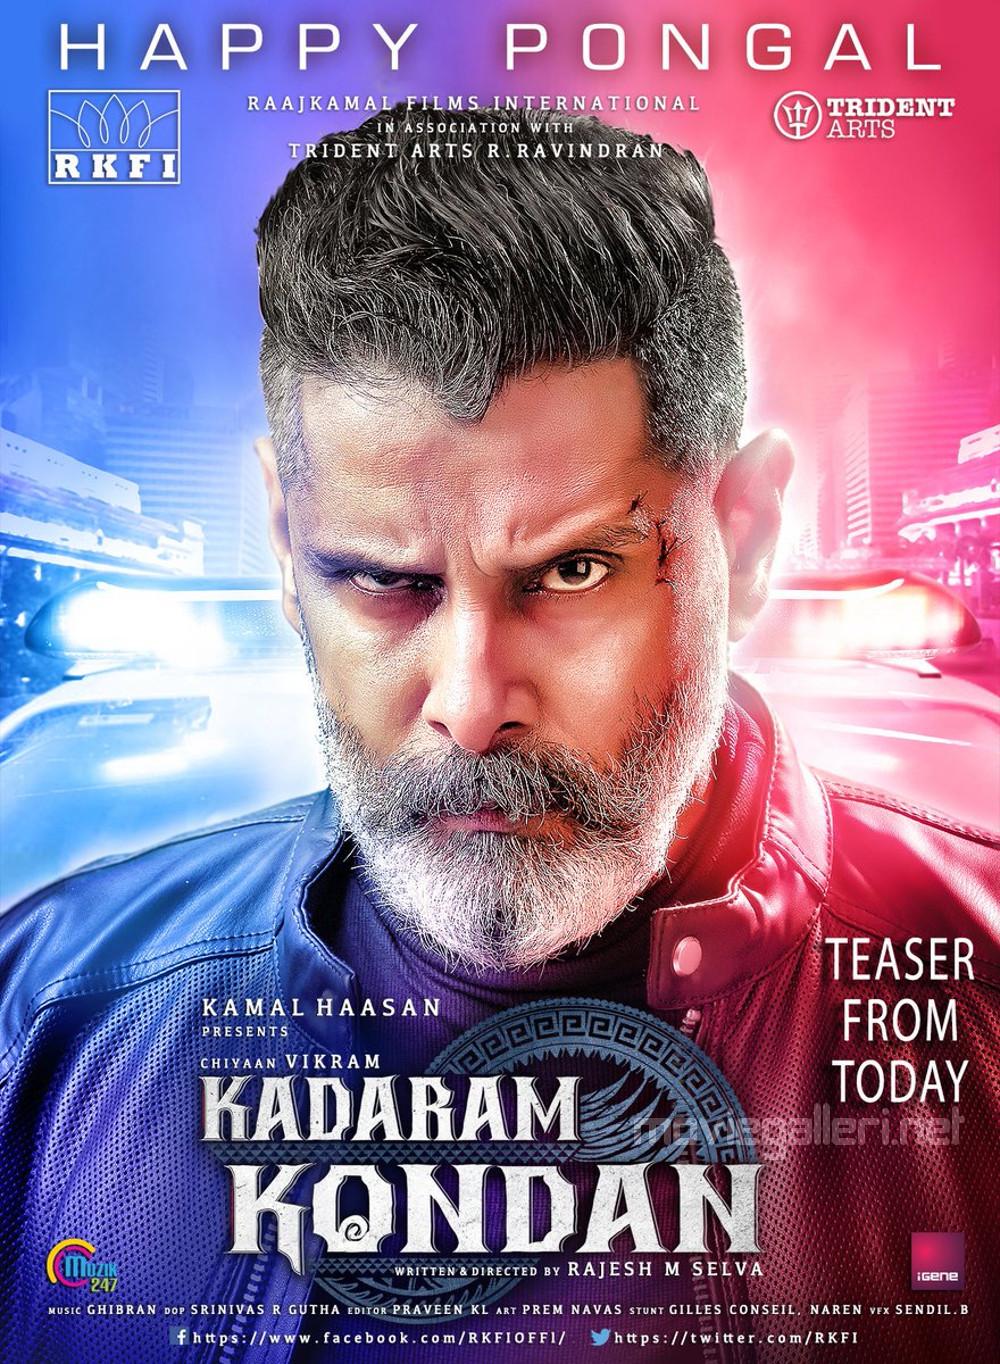 Chiyaan Vikram Kadaram Kondan Movie Teaser from Today Poster HD